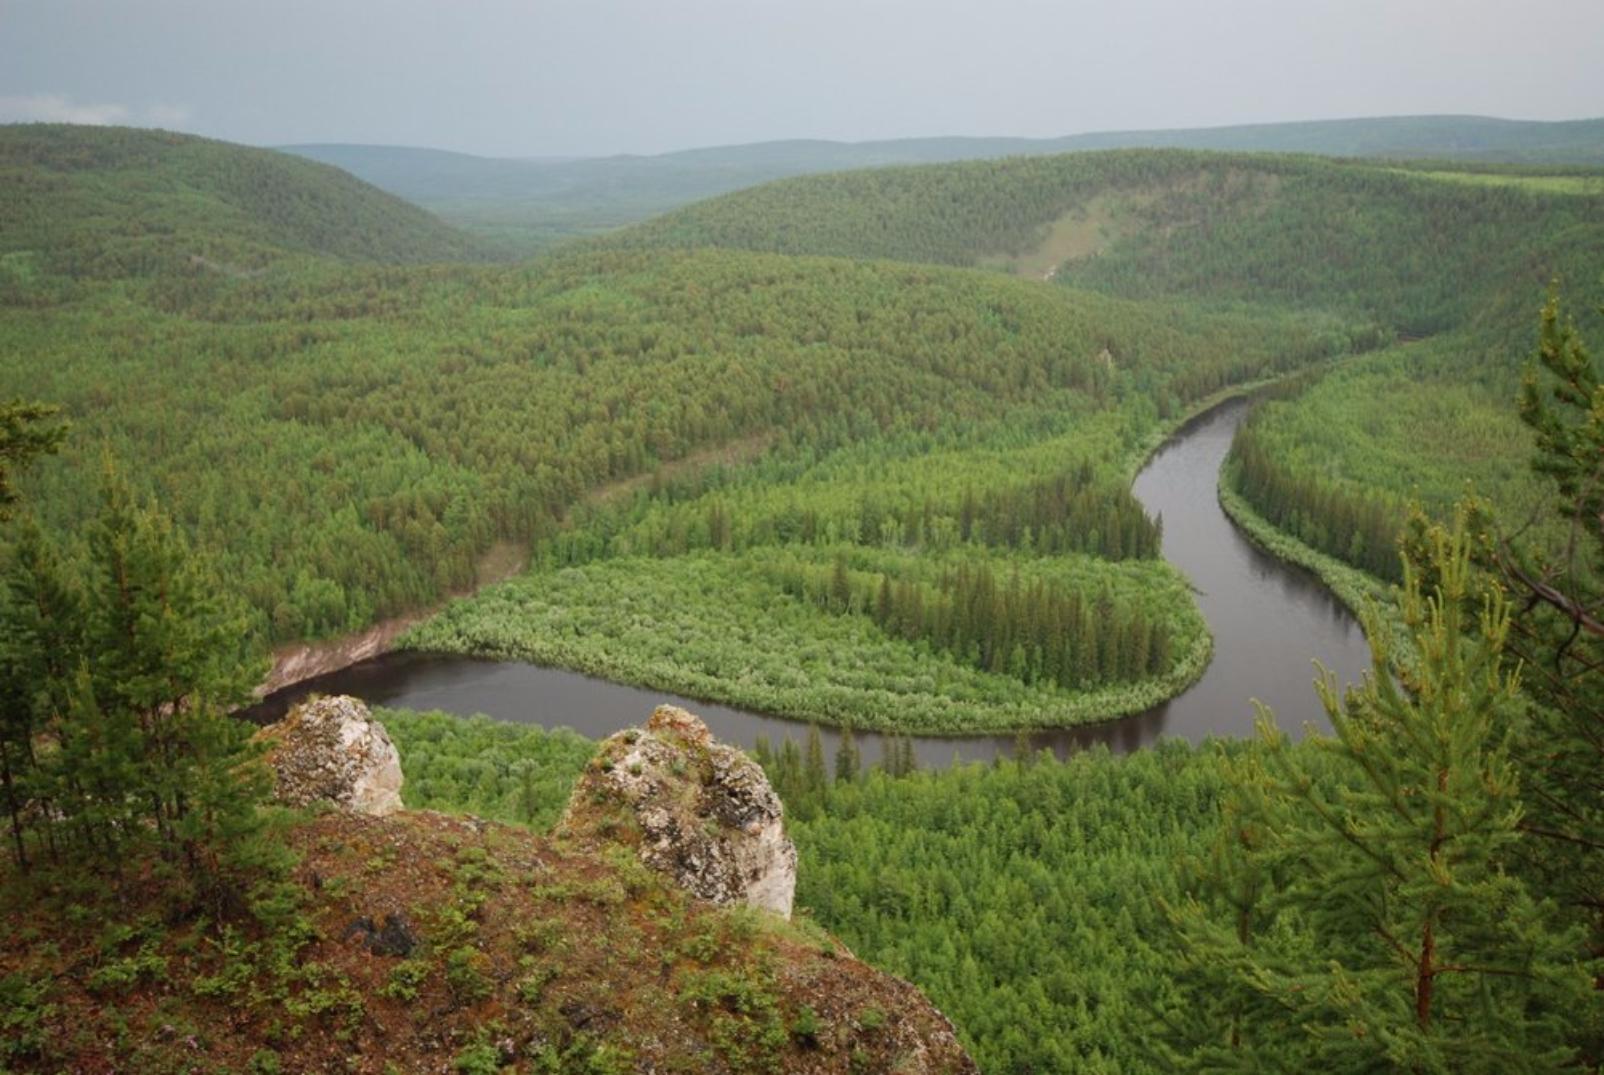 Минприроды не согласилось с рейтингом «Зеленого патруля», где Якутия заняла 67 место